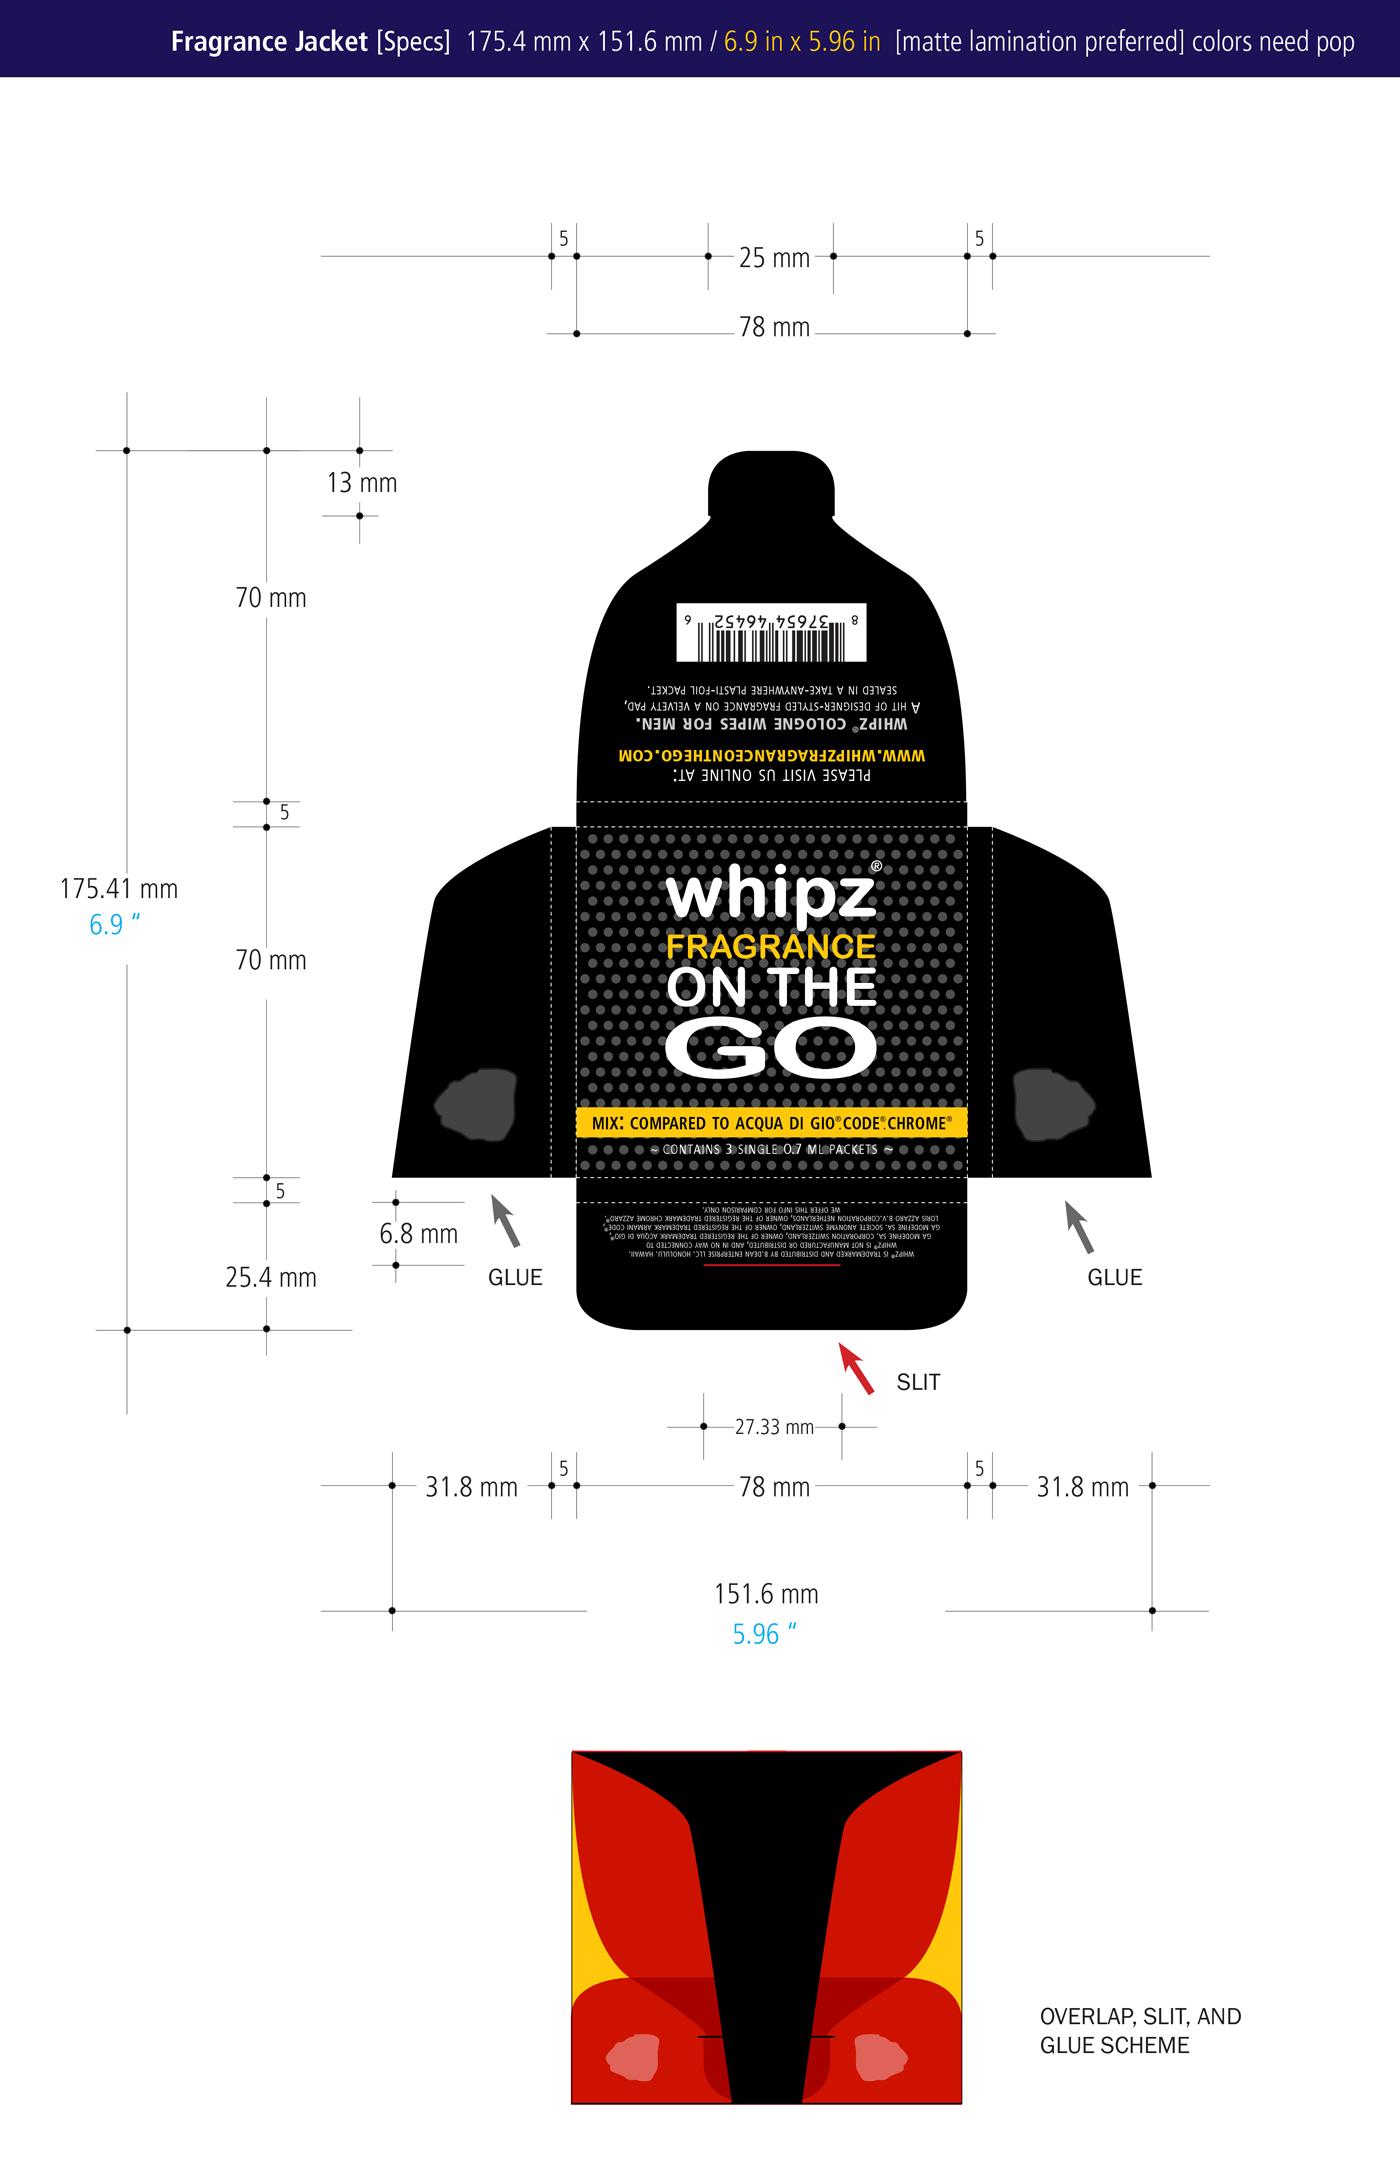 Whipz-Fragrance-01.jpg